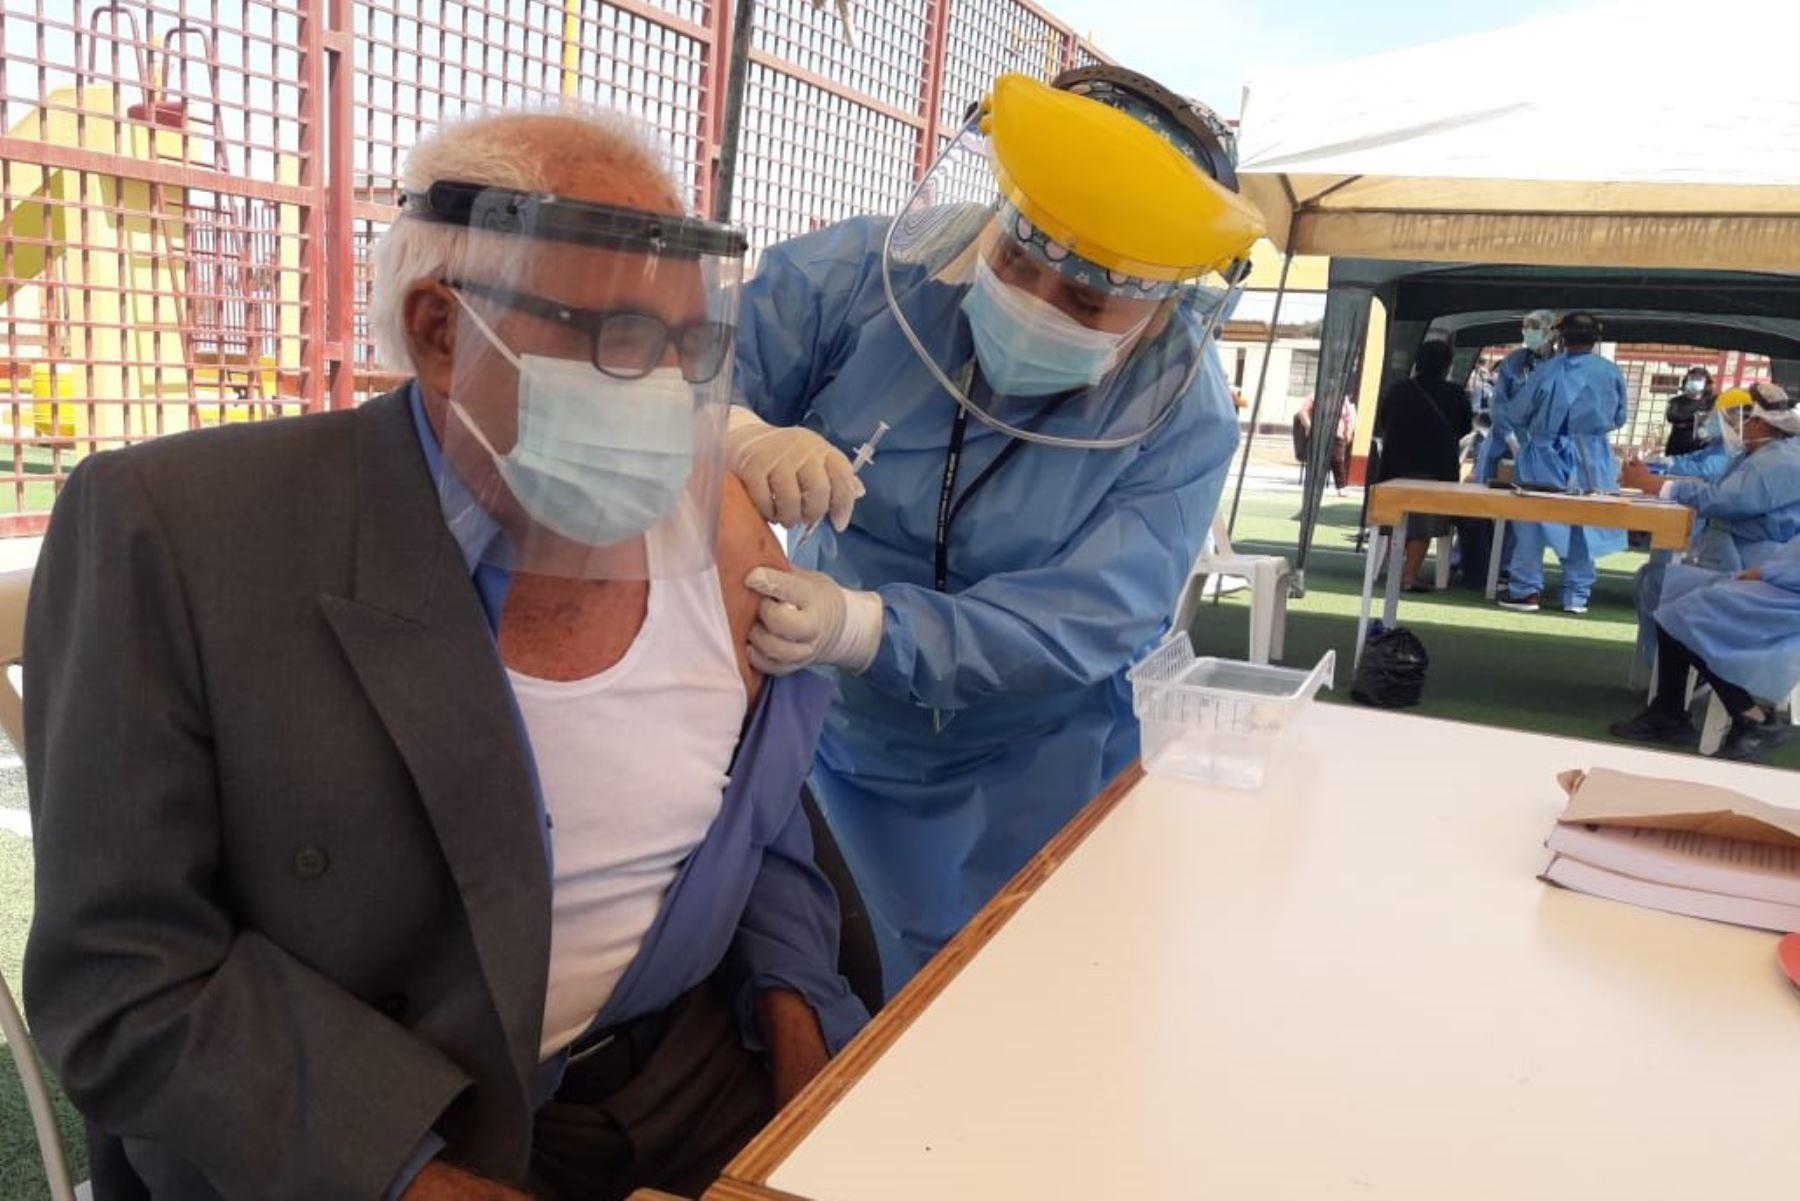 La aplicación de la segunda dosis de la vacuna contra la covid-19 quedó en suspenso en La Libertad por la segunda vuelta presidencial del domingo 6 de junio. ANDINA/Difusión